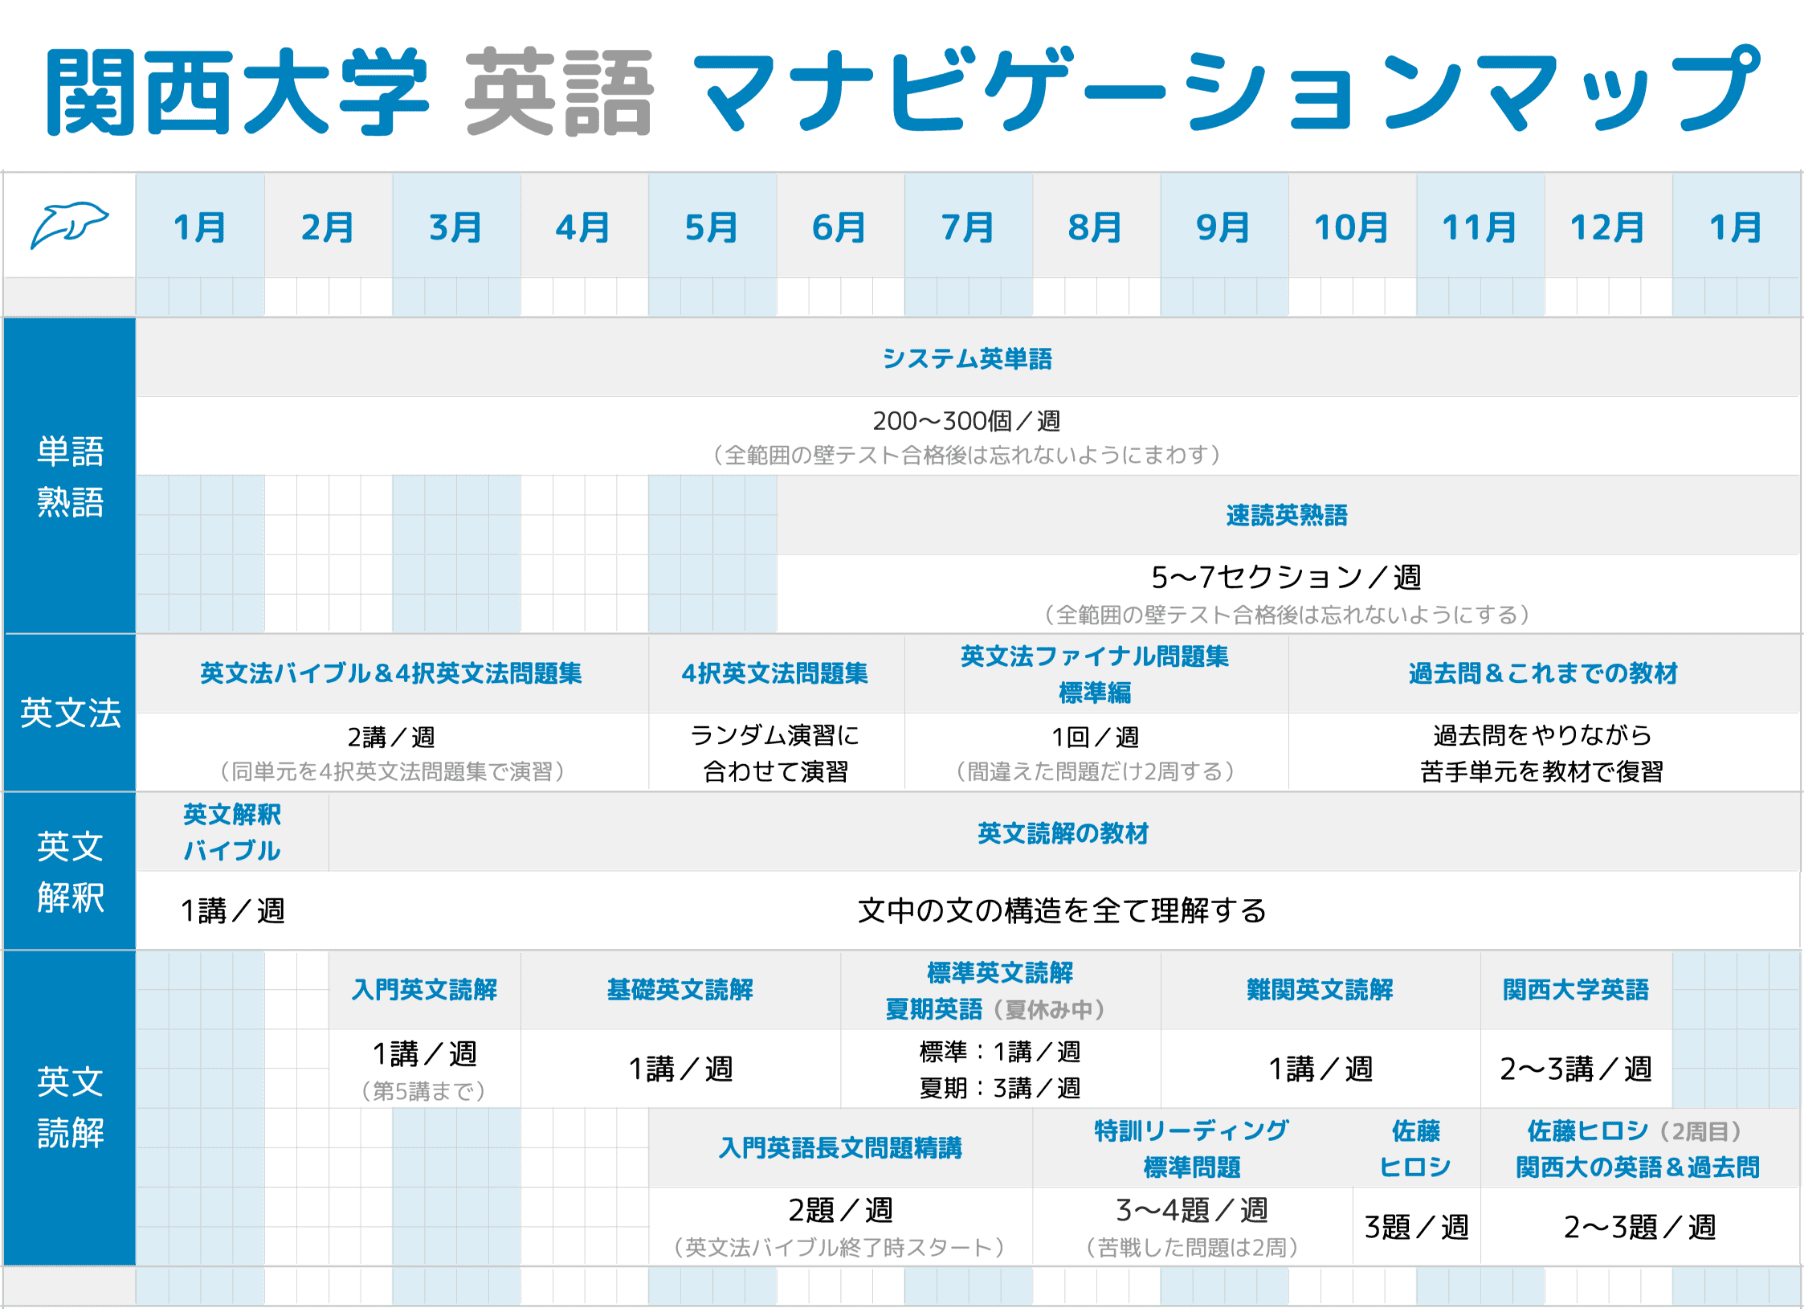 関西大学 英語 間ナビゲーションマップ